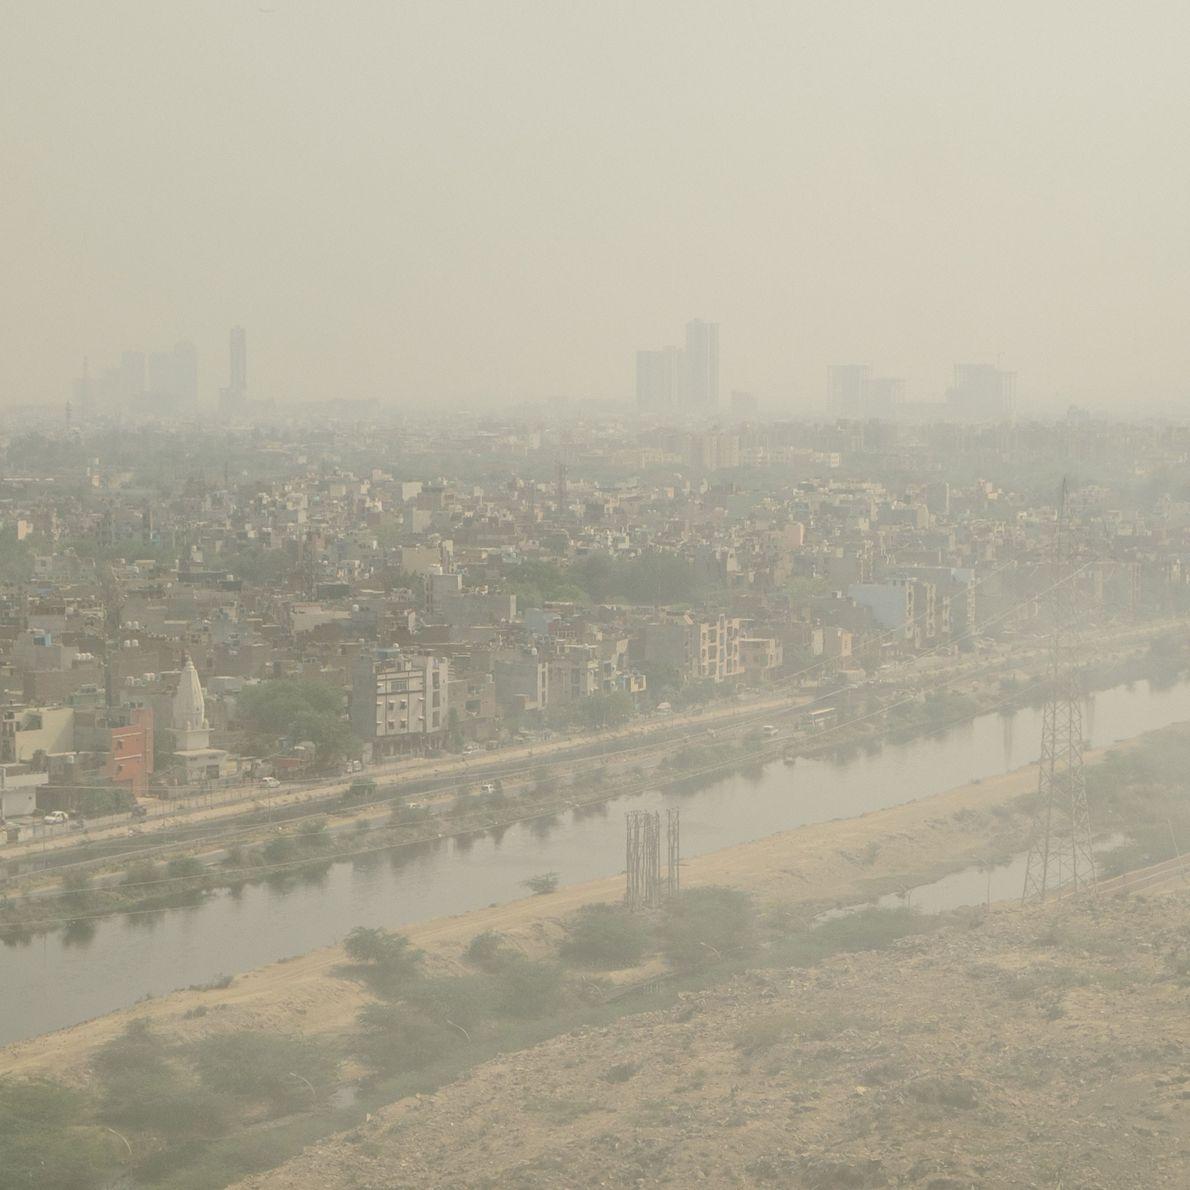 névoa de poluição em Deli